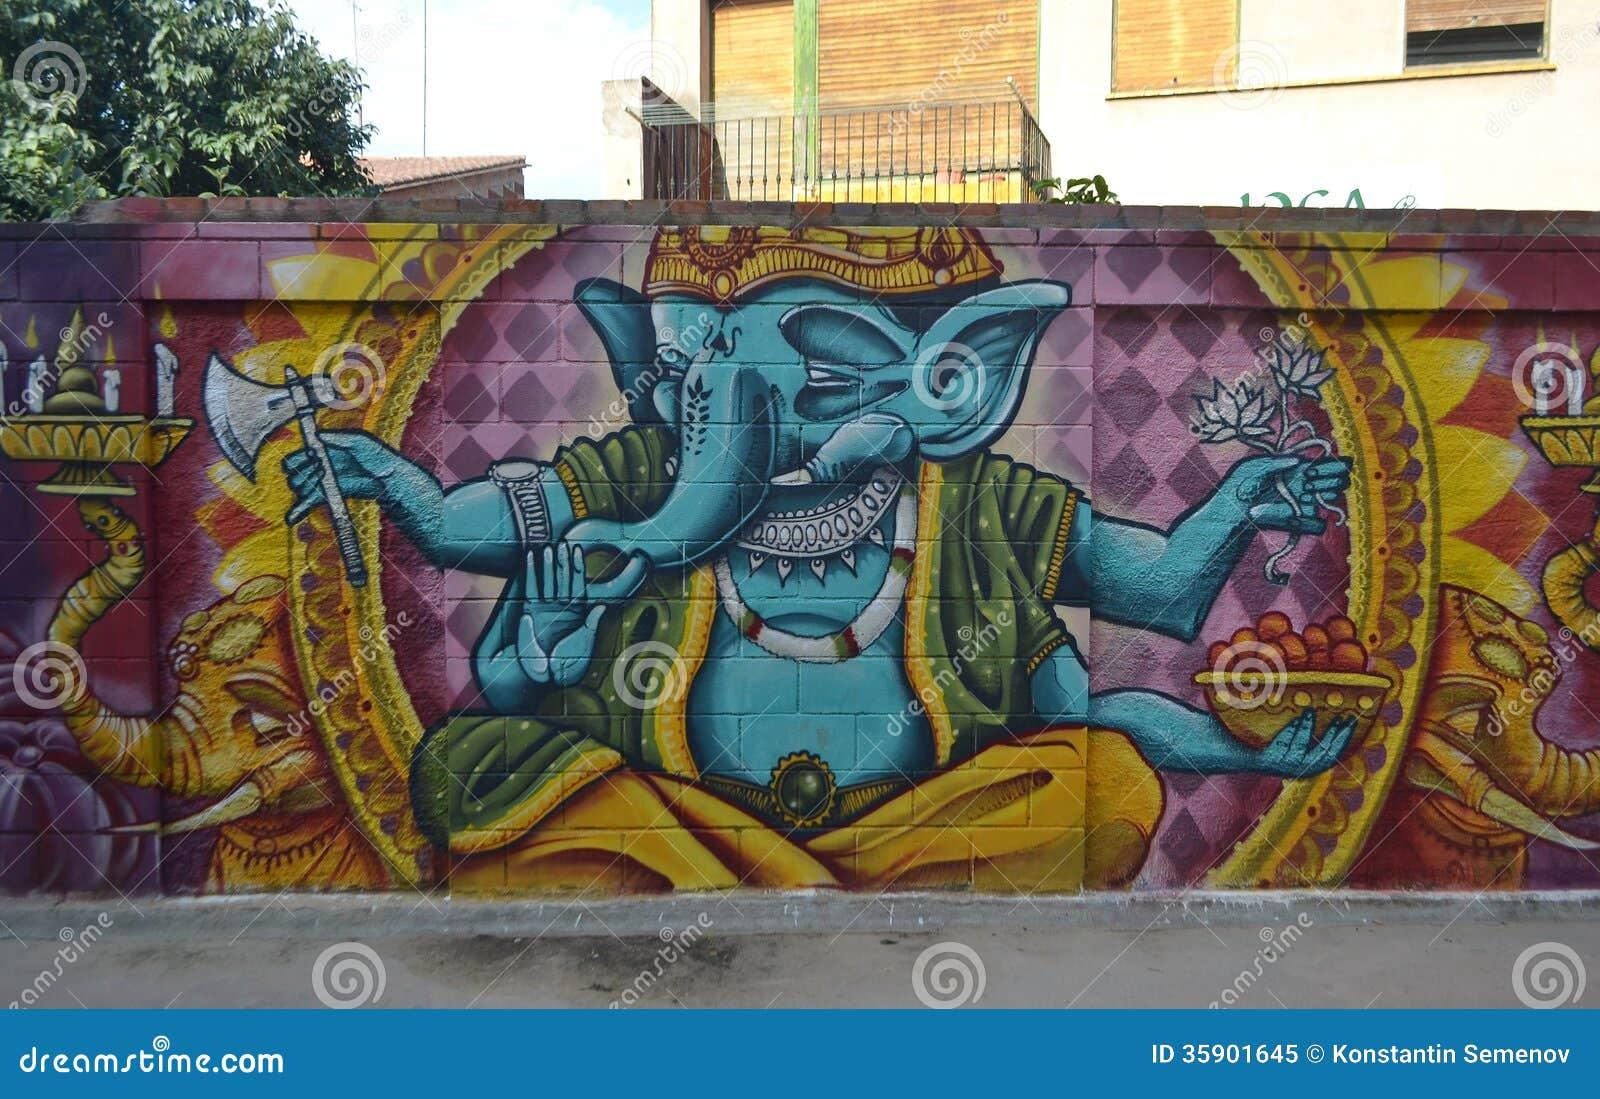 Graffiti On Indian Mythology Stock Image Image 35901645